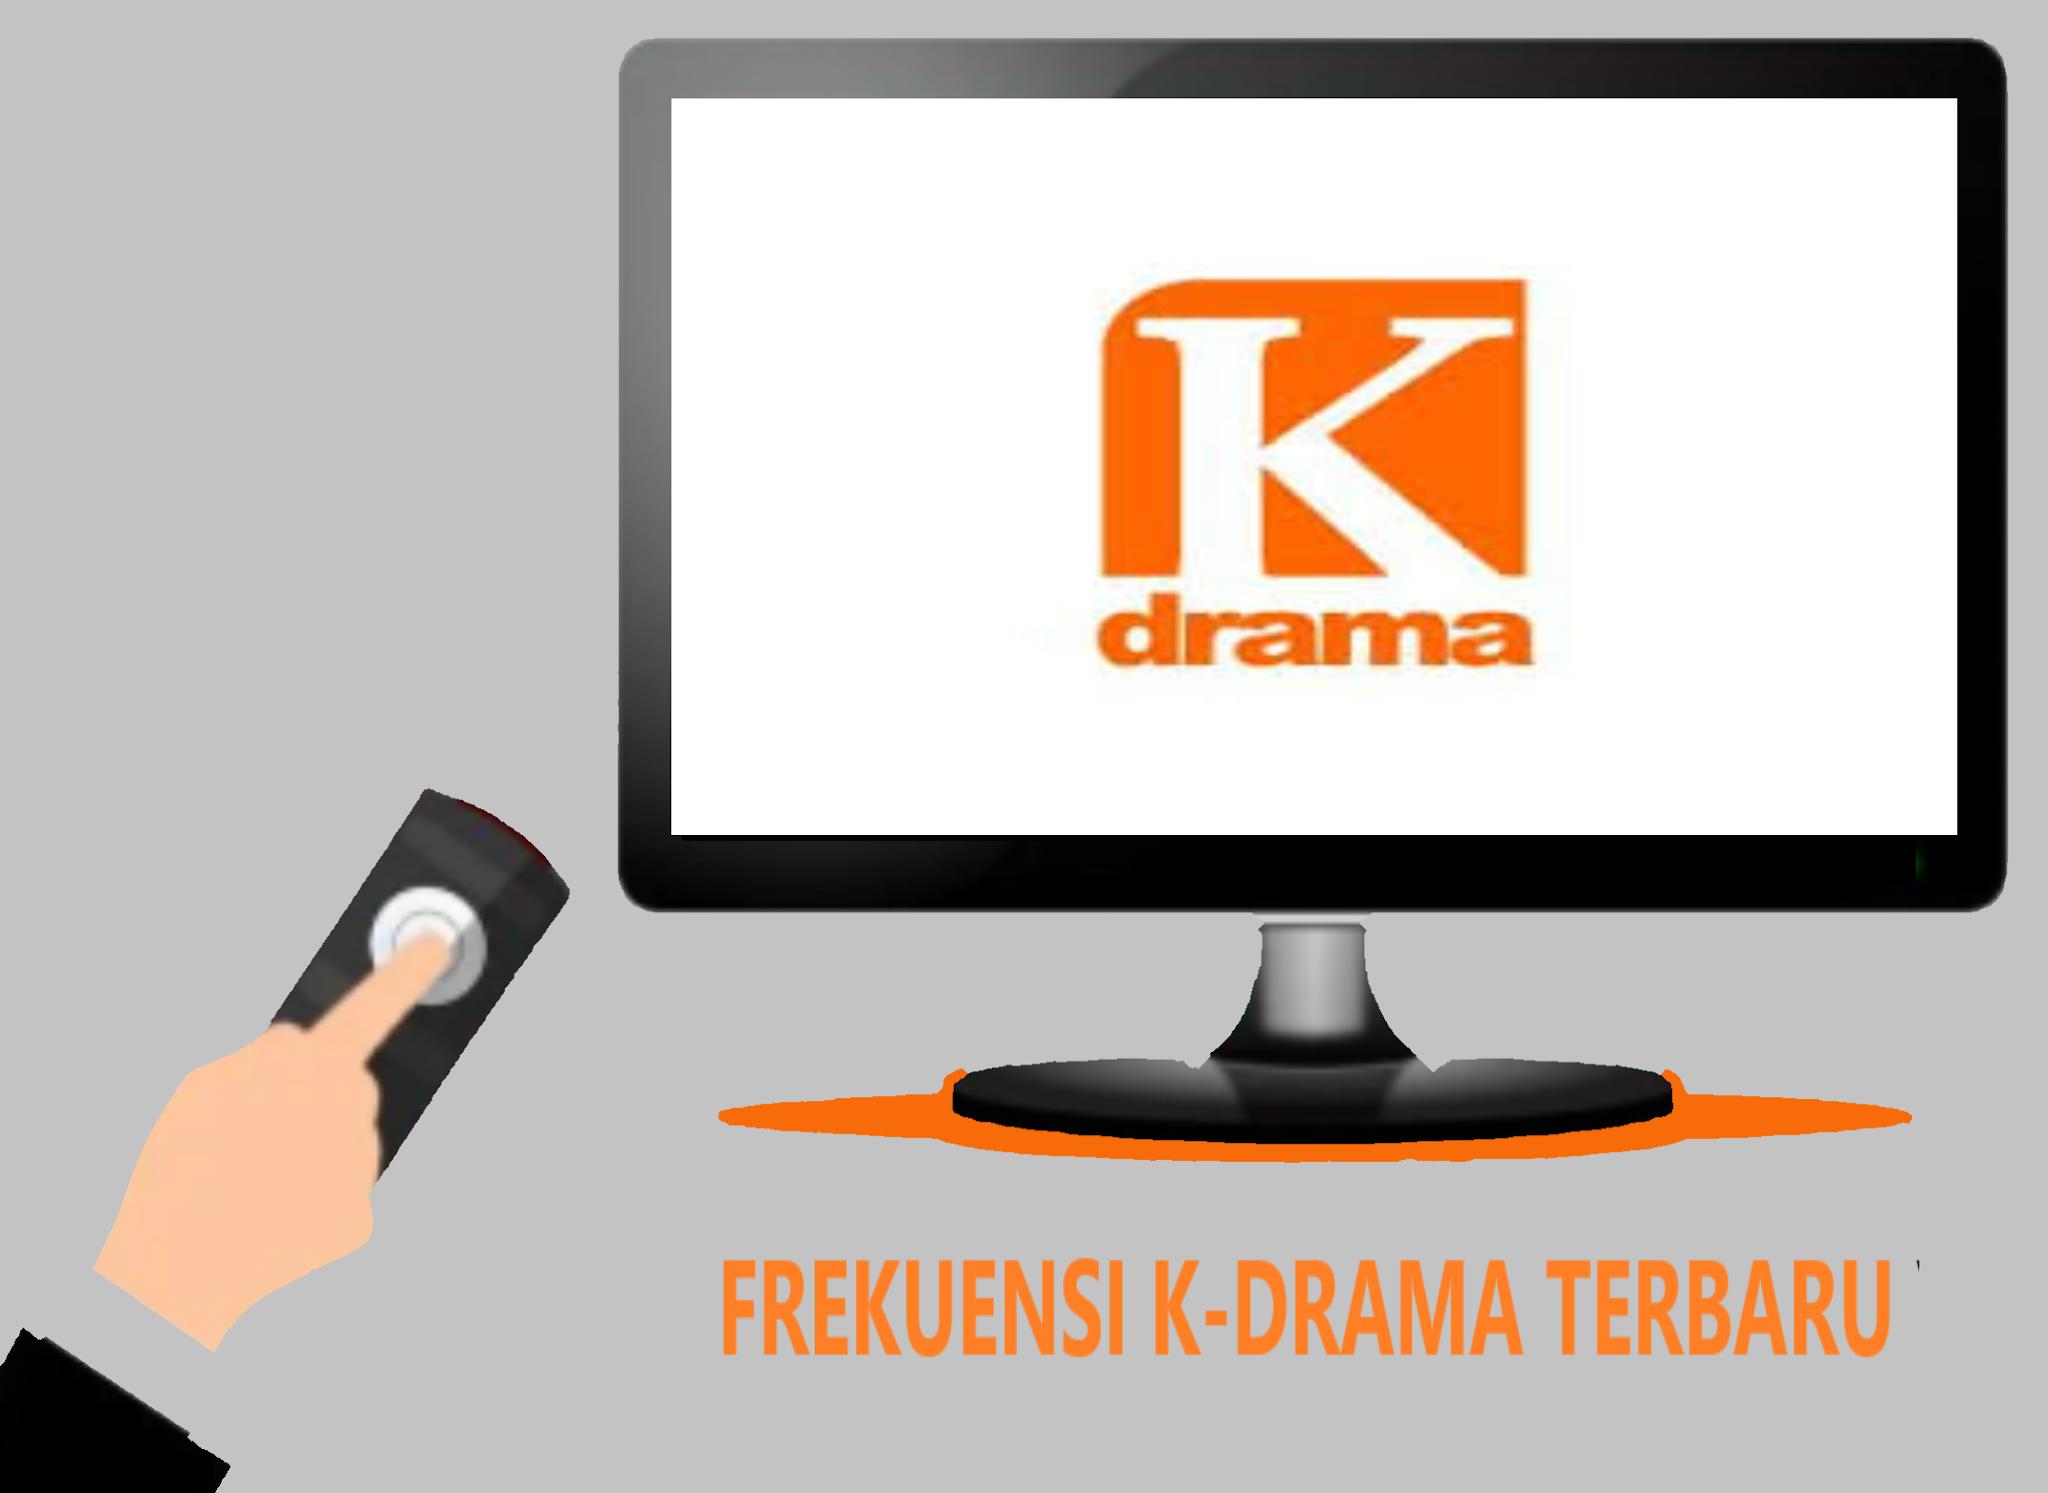 Frekuensi K-Drama Terbaru Di Telkom 4 Update 2020